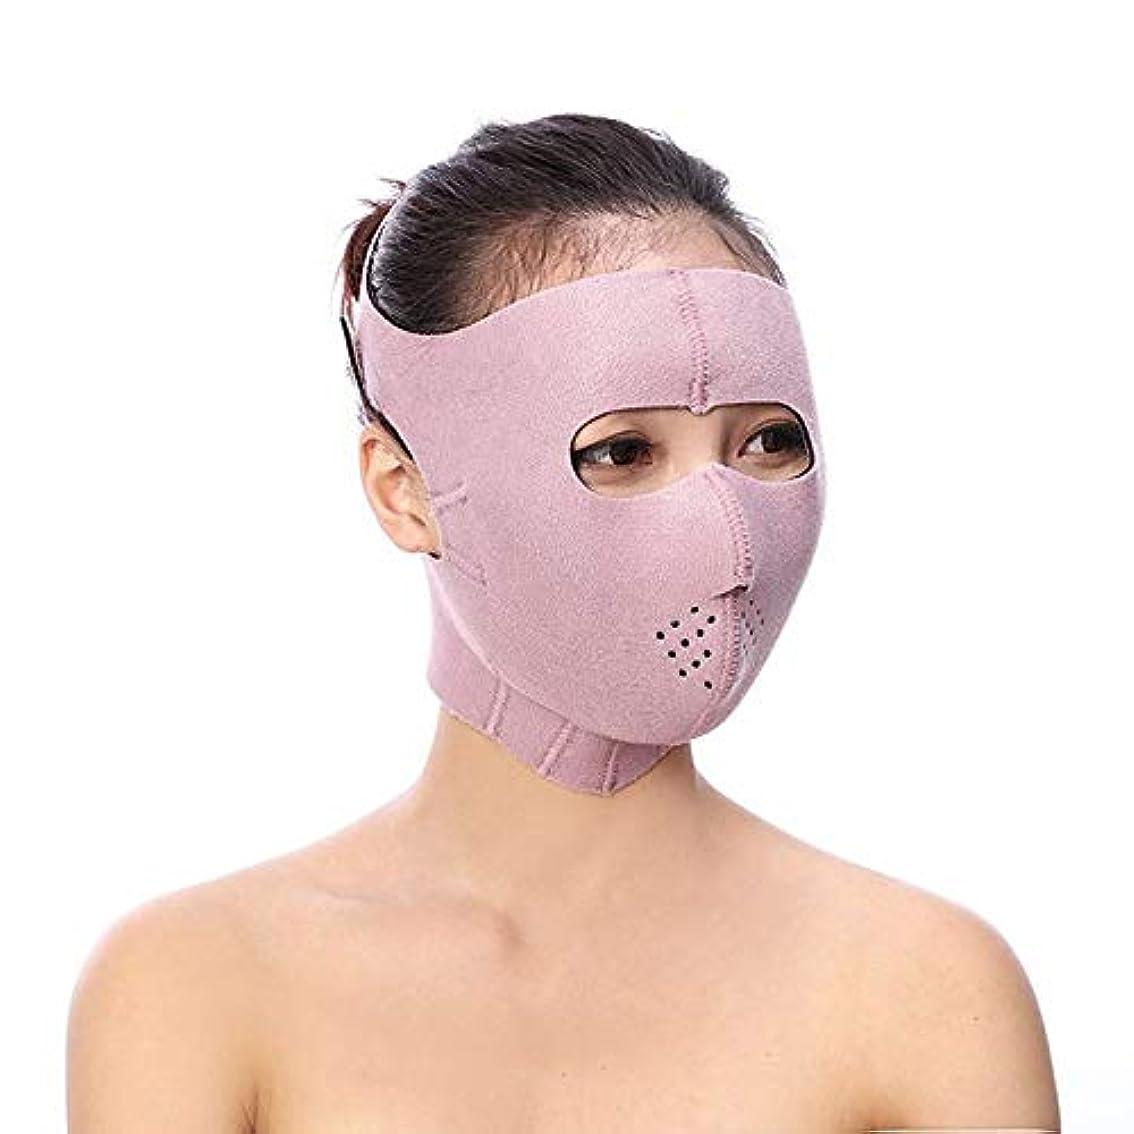 フィッティング究極の色フェイスリフティングベルト、フェイスリフティング包帯顔の形をしたV字形状により、睡眠の質が向上します。 (Color : Pink)